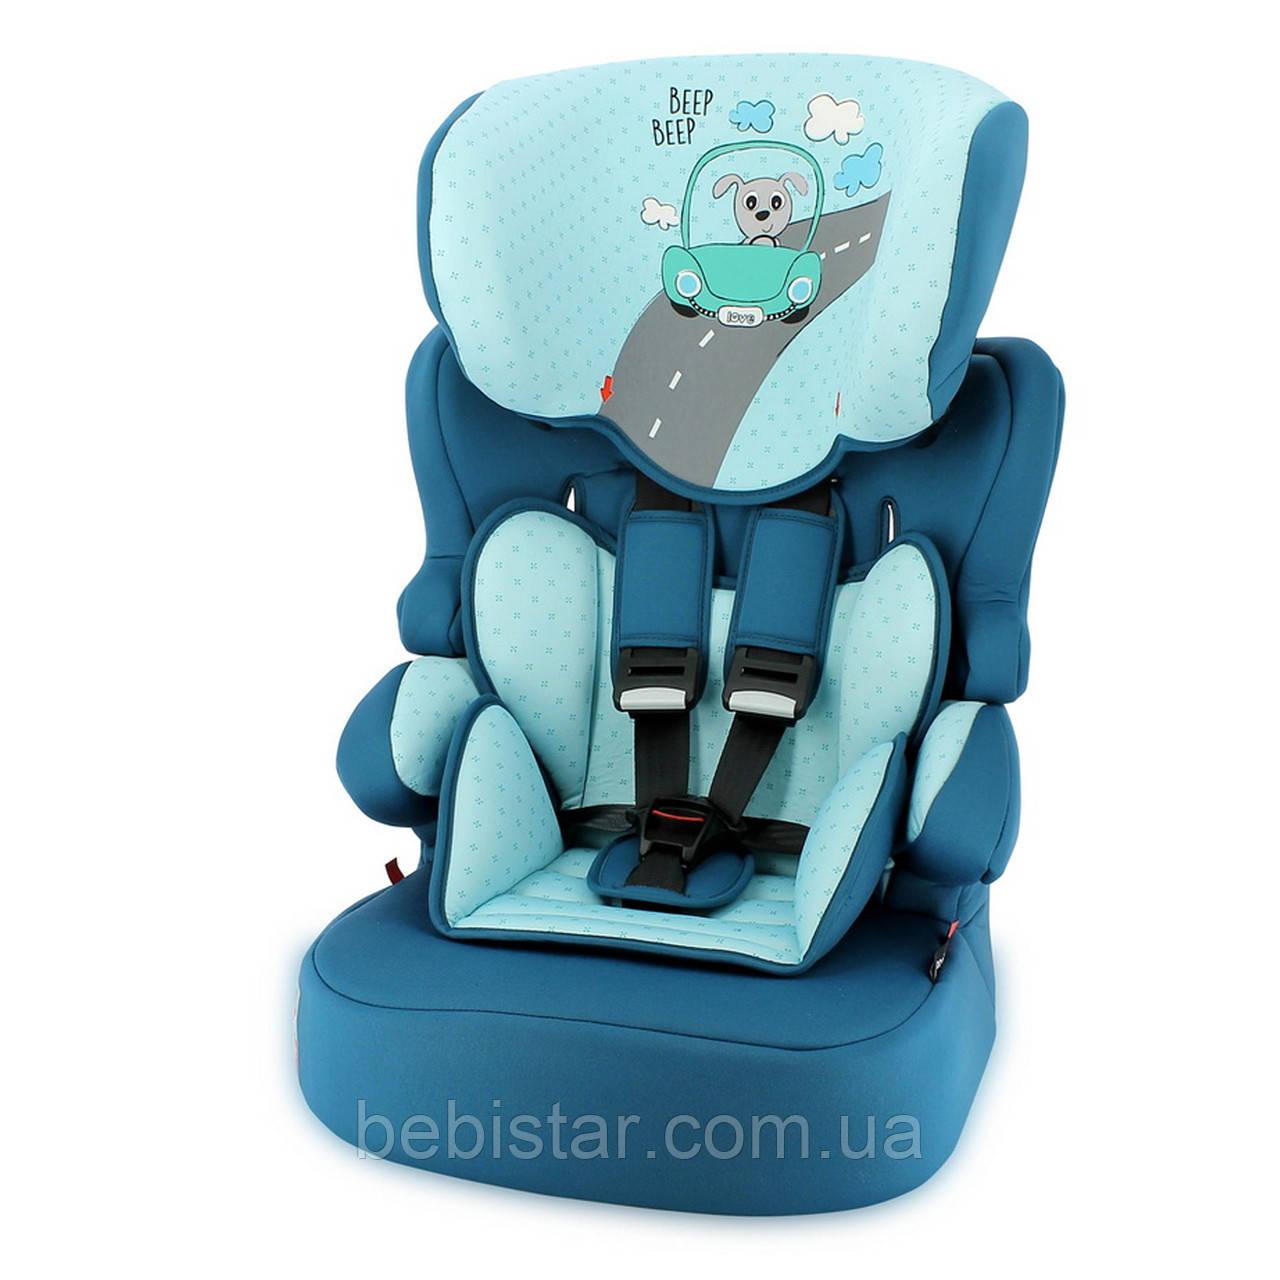 Автокресло синее Lorelli X-DRIVE PLUS 9-36 KG AQUAMARINE DOG DRIVER детям от 1 до 12 лет